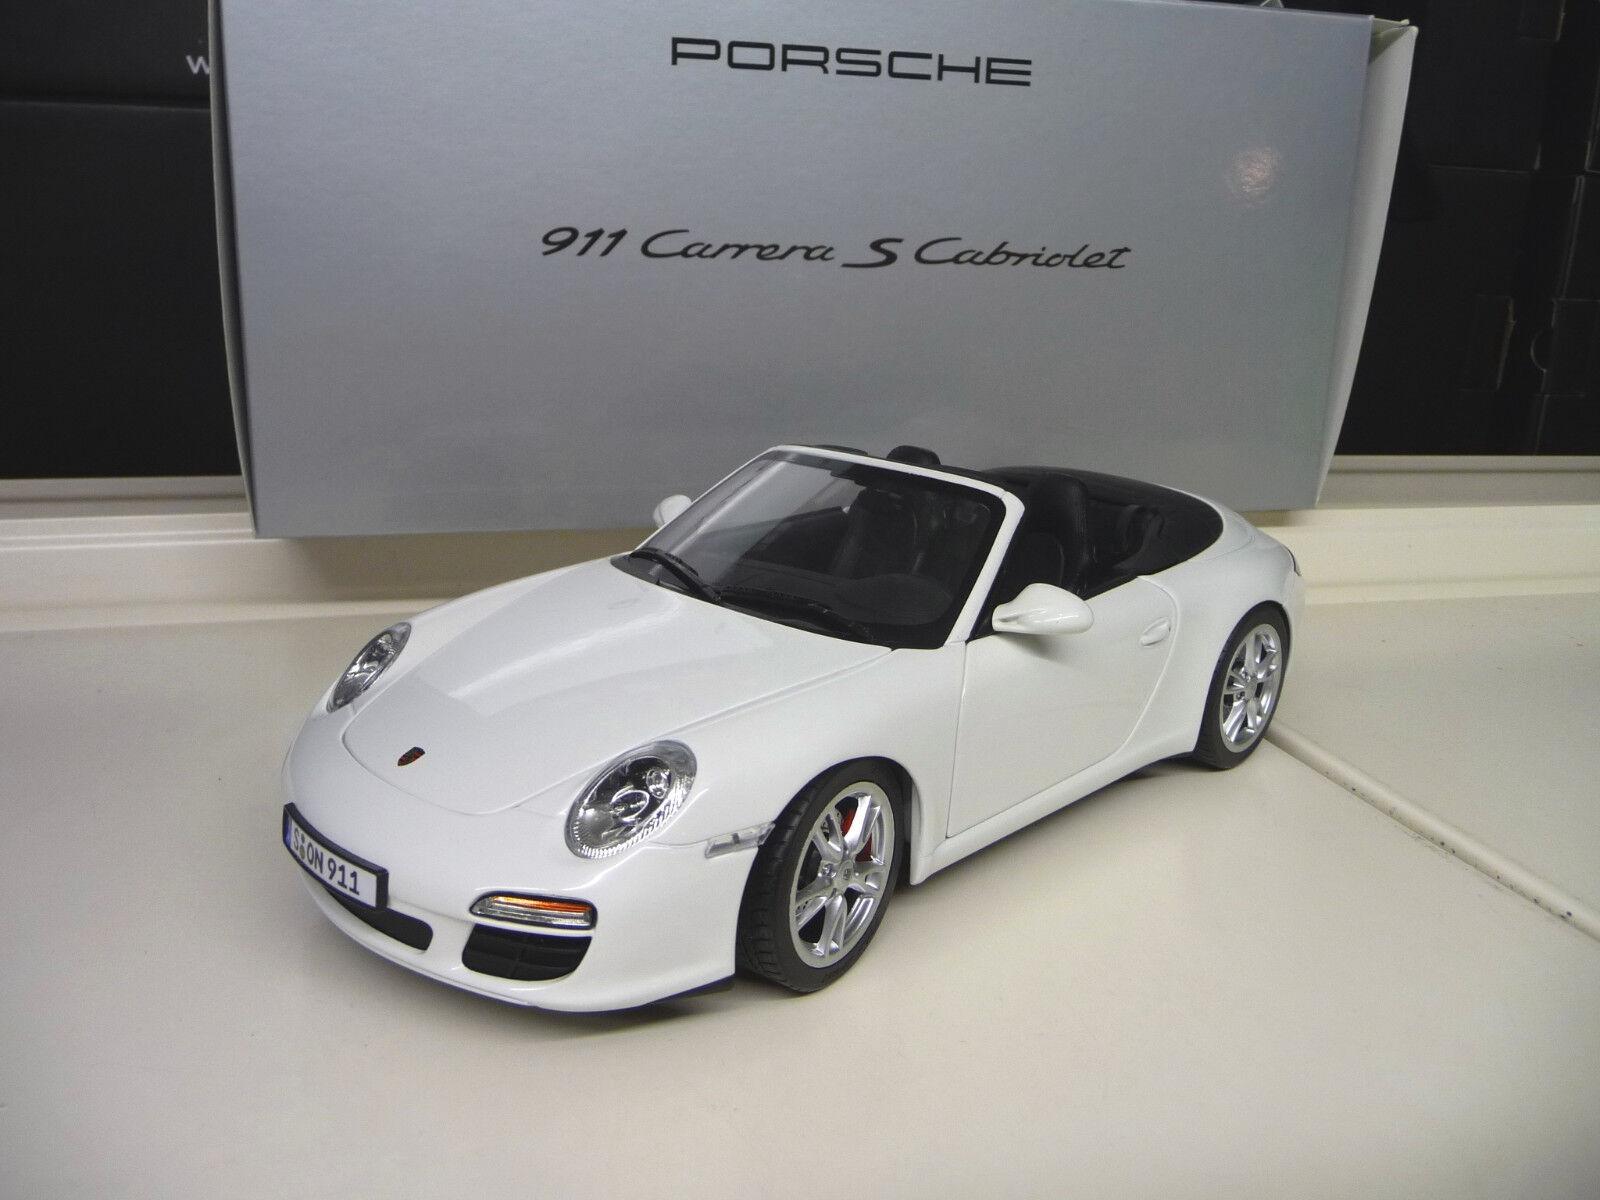 Porsche  Carrera S  Convertible Distribuidor edición Norev 1:18 Envío Gratis